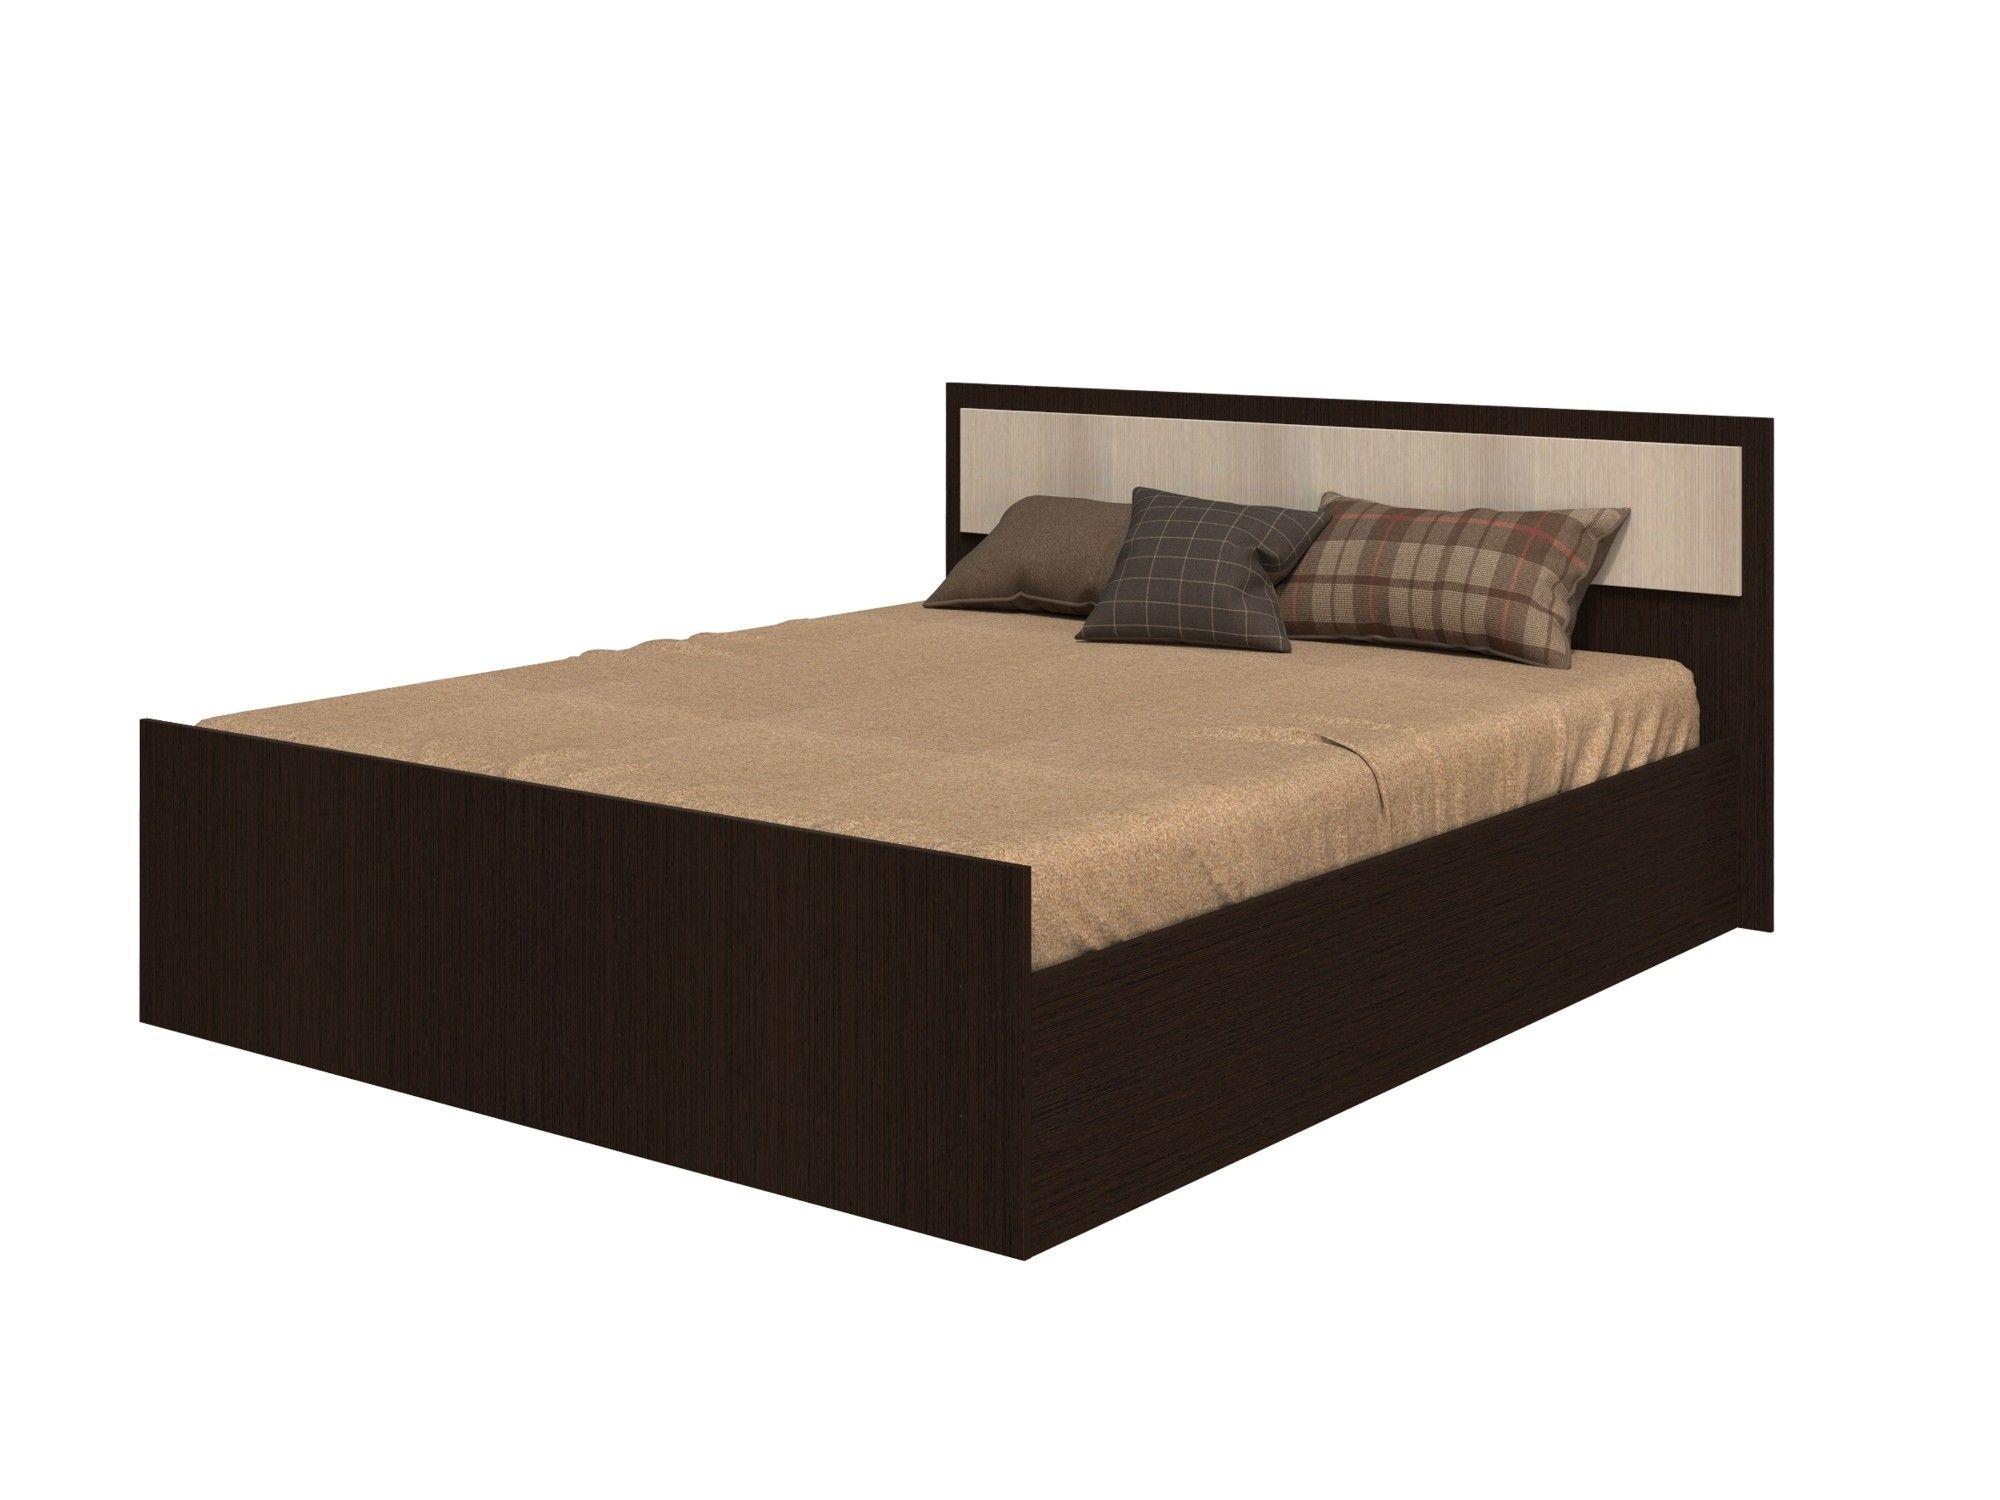 Кровать на 1400 с настилом ЛДСП, без матраса Фиеста, венге